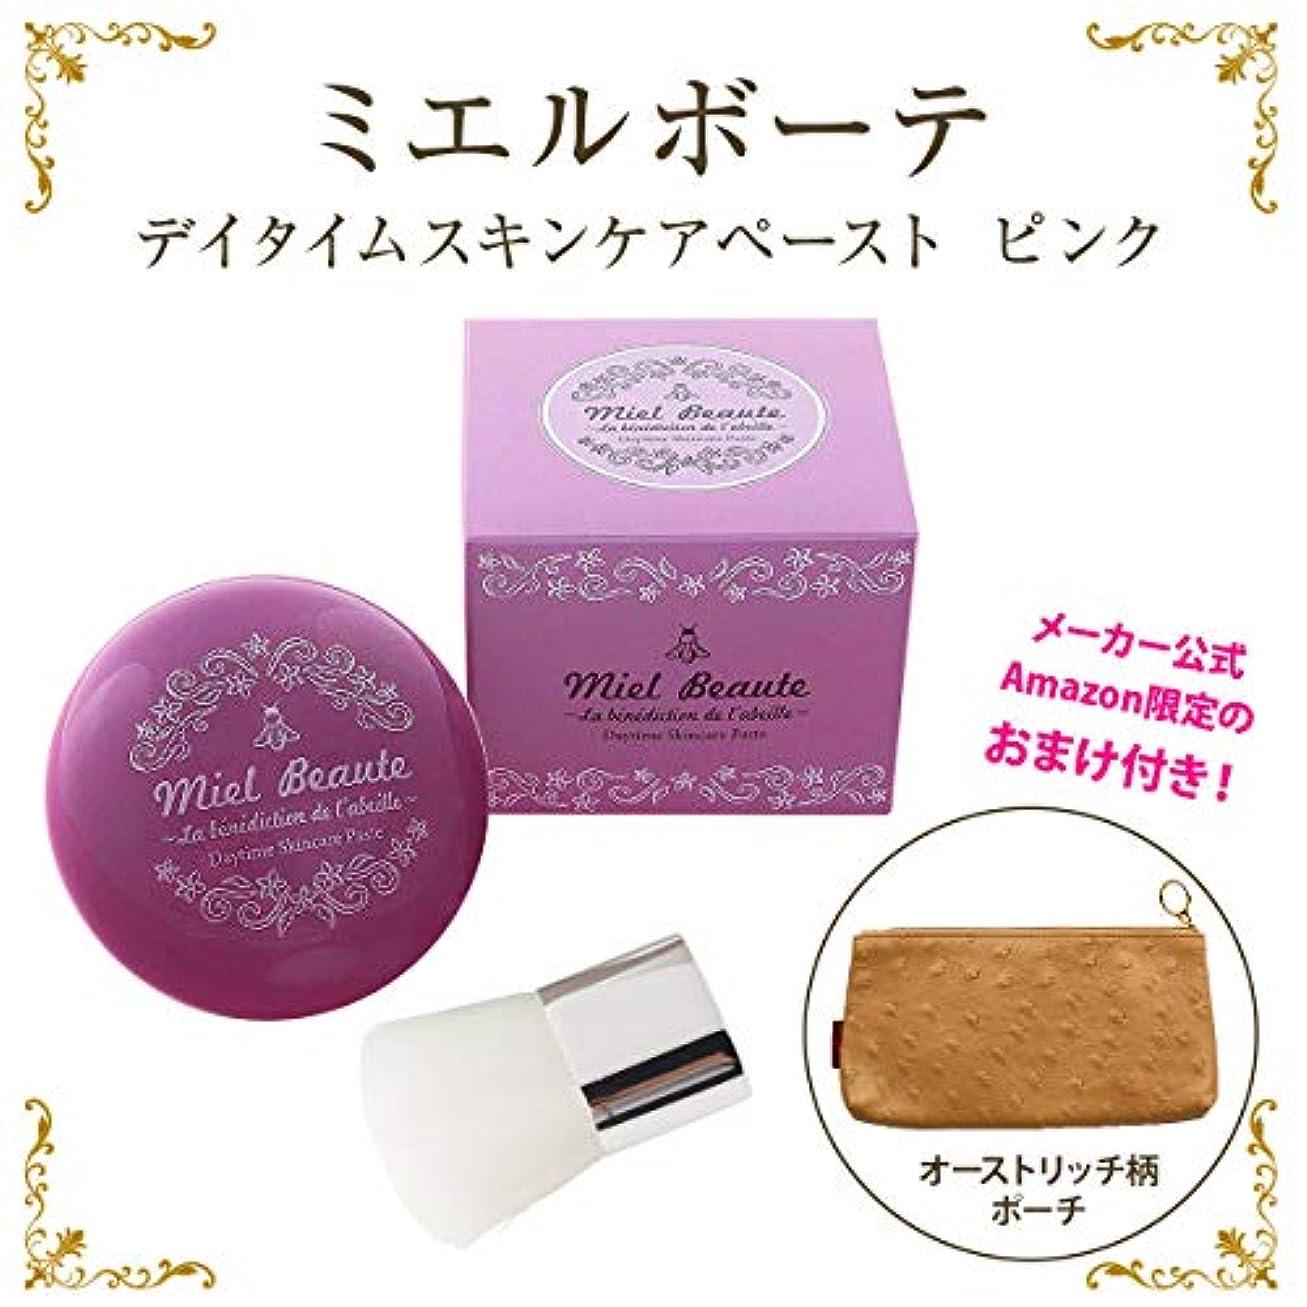 ミエルボーテ デイタイムスキンケアペースト SPF18 PA++ 美容クリーム 肌色補正 化粧下地 しわぼかし 紫外線防止 化粧直し 美容液 ひとつで7役を担う日中用のクリーム 25g (ピンク おまけ付き)